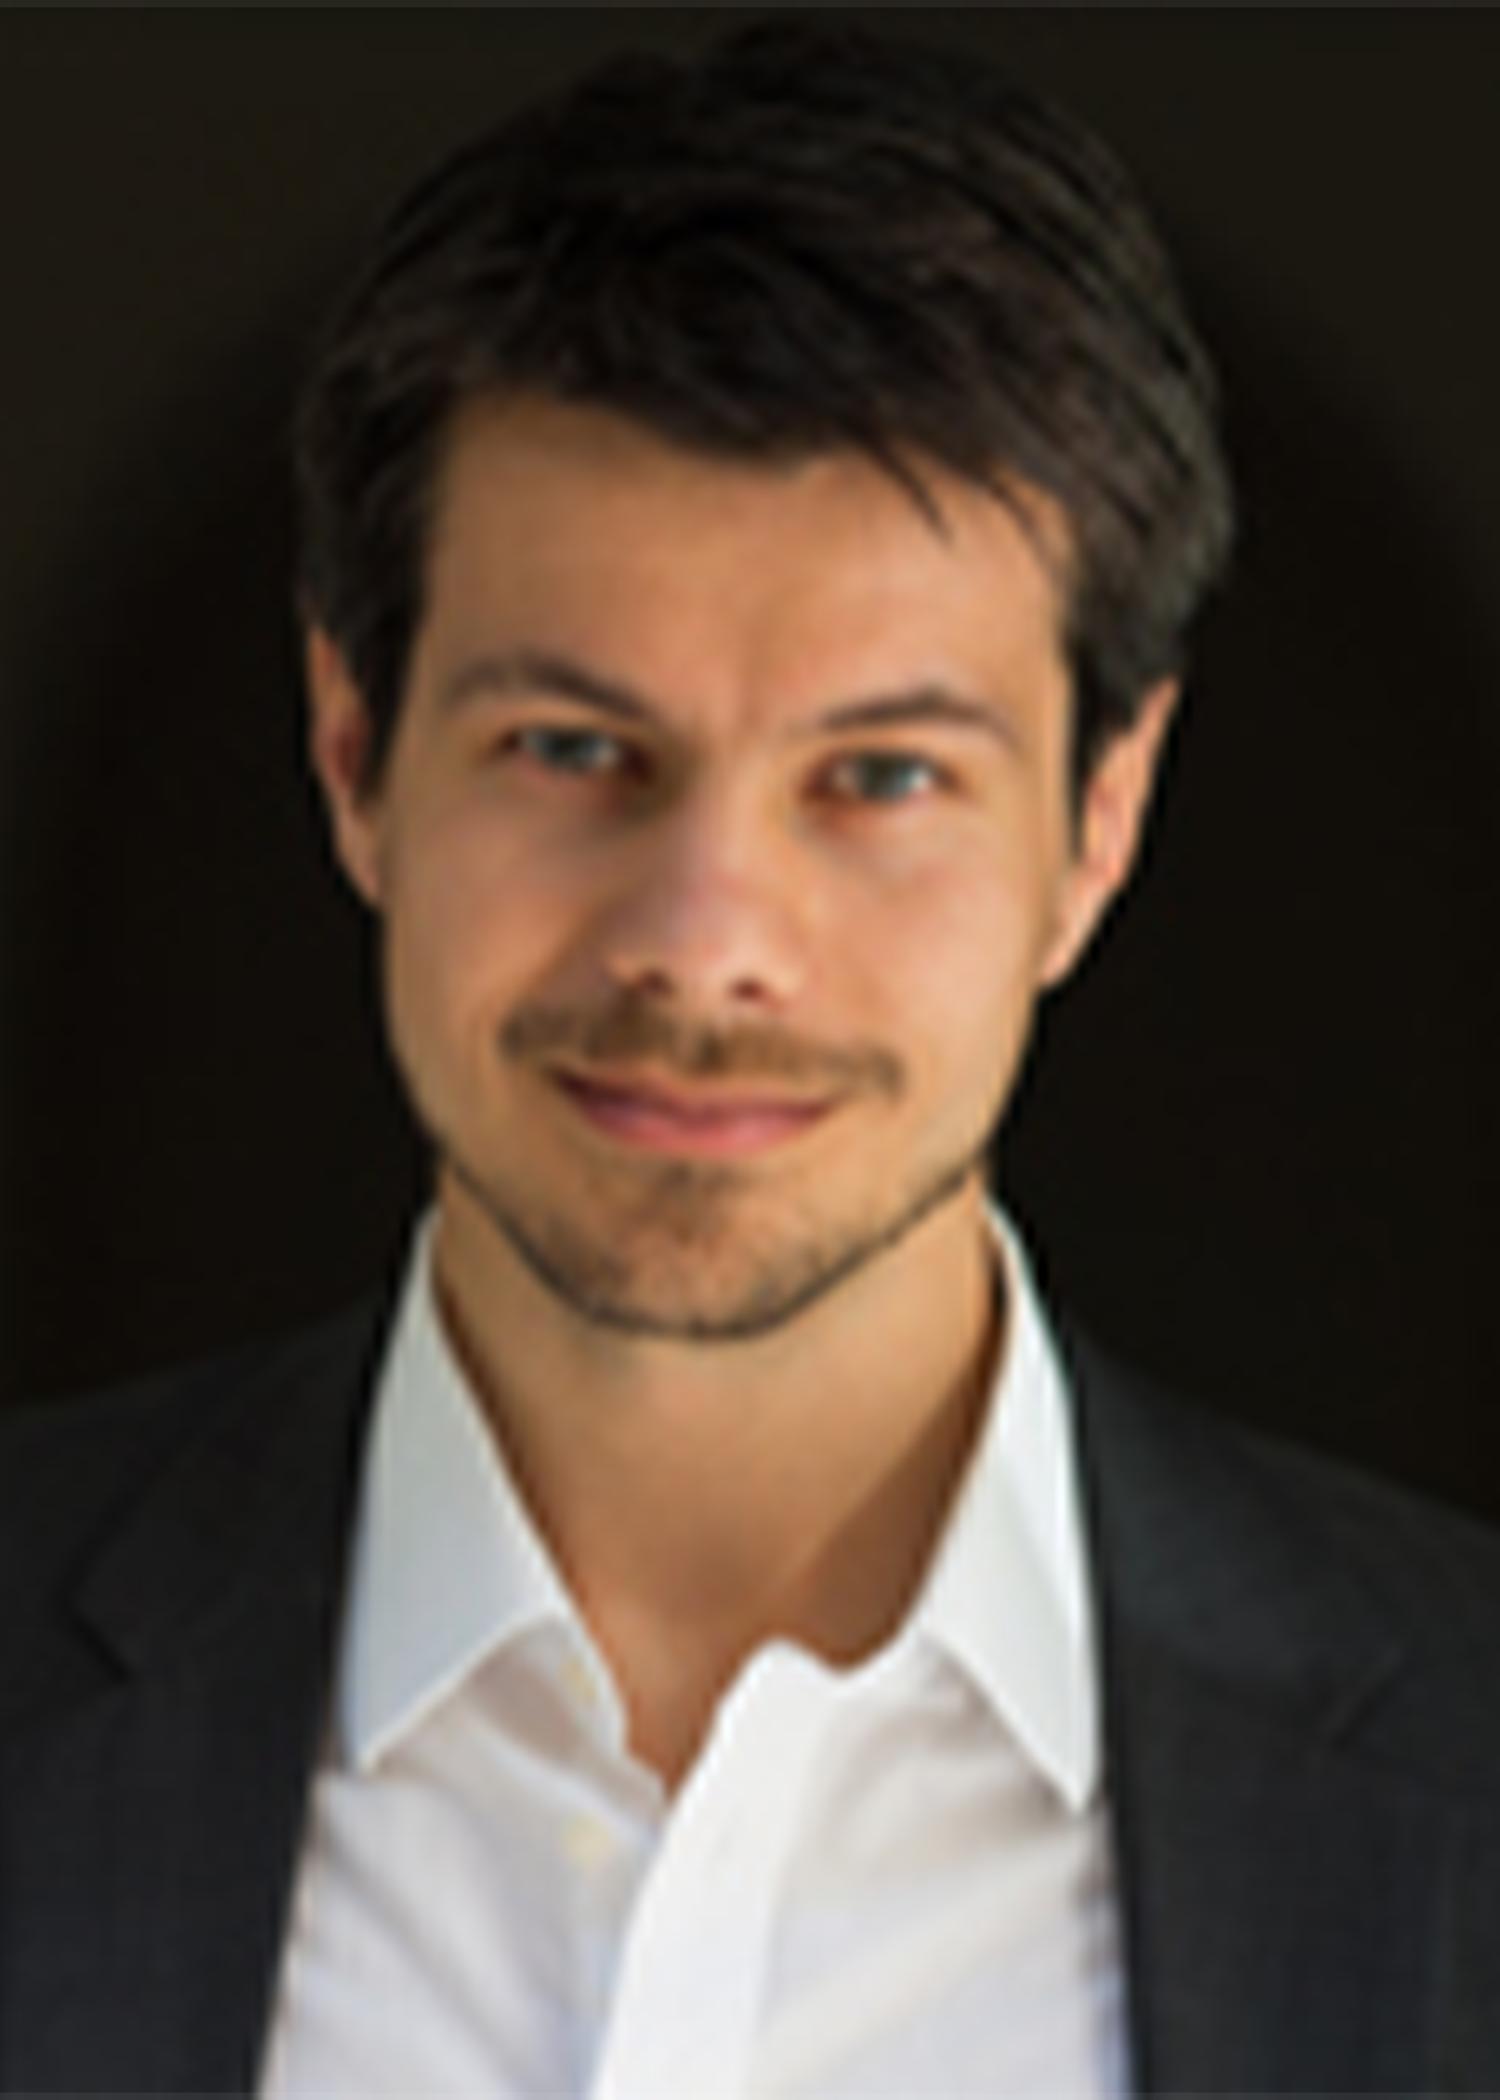 Markus Kalina Headshot